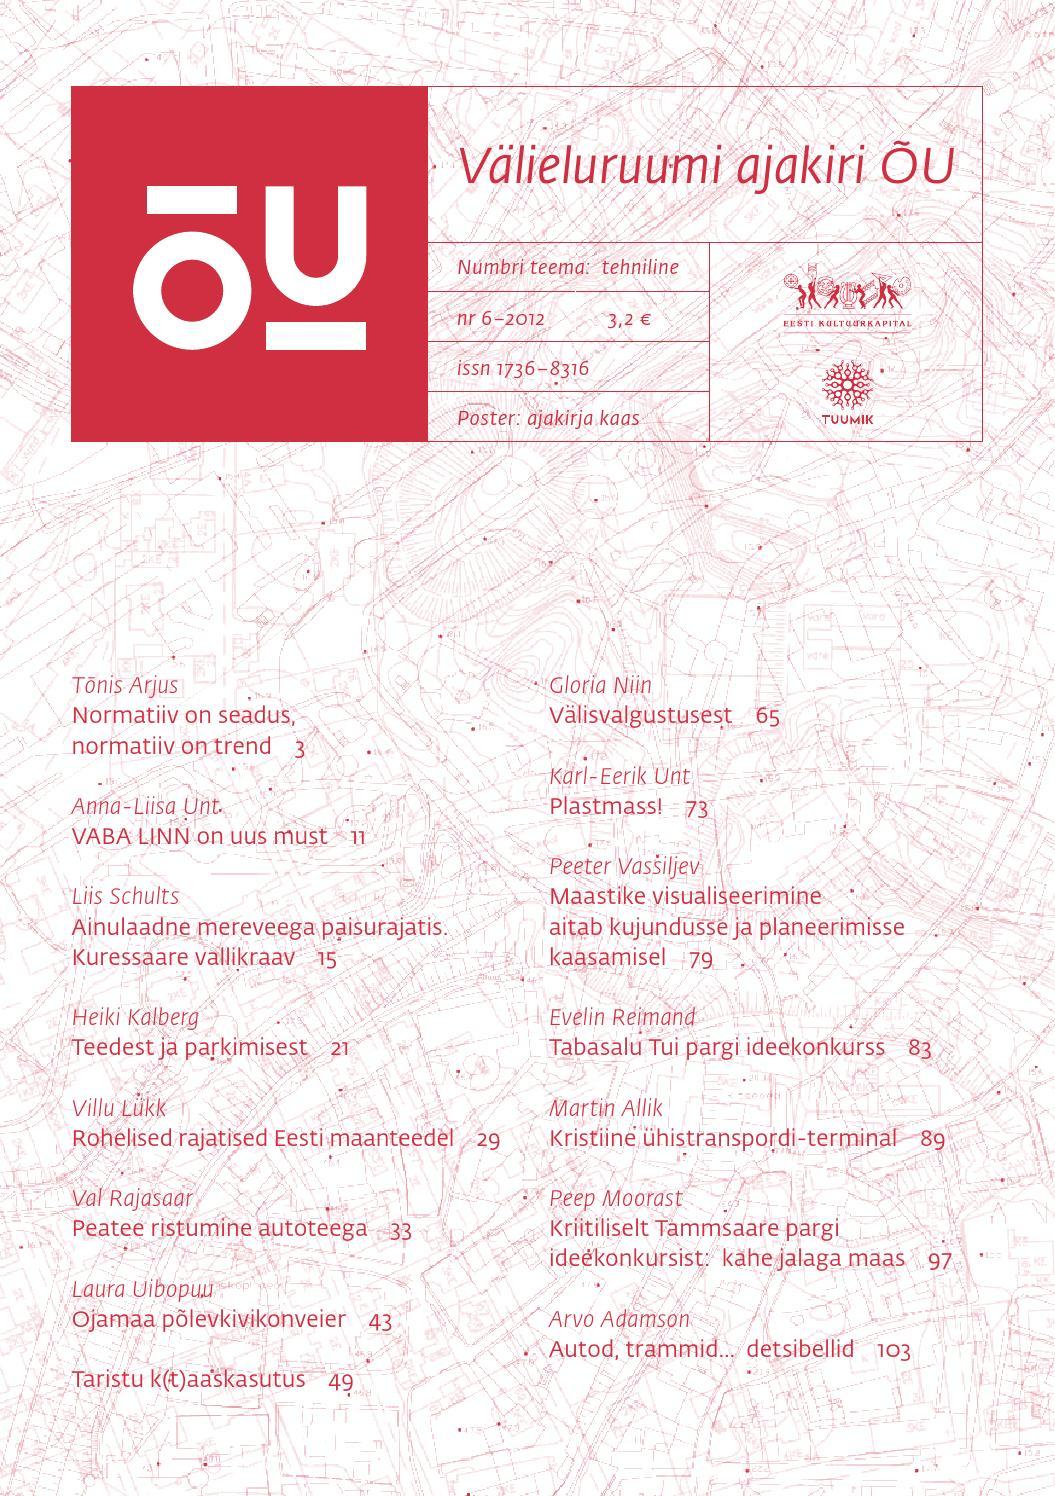 98a90f1d055 ÕU nr 6 by välieluruumi ajakiri ÕU - issuu